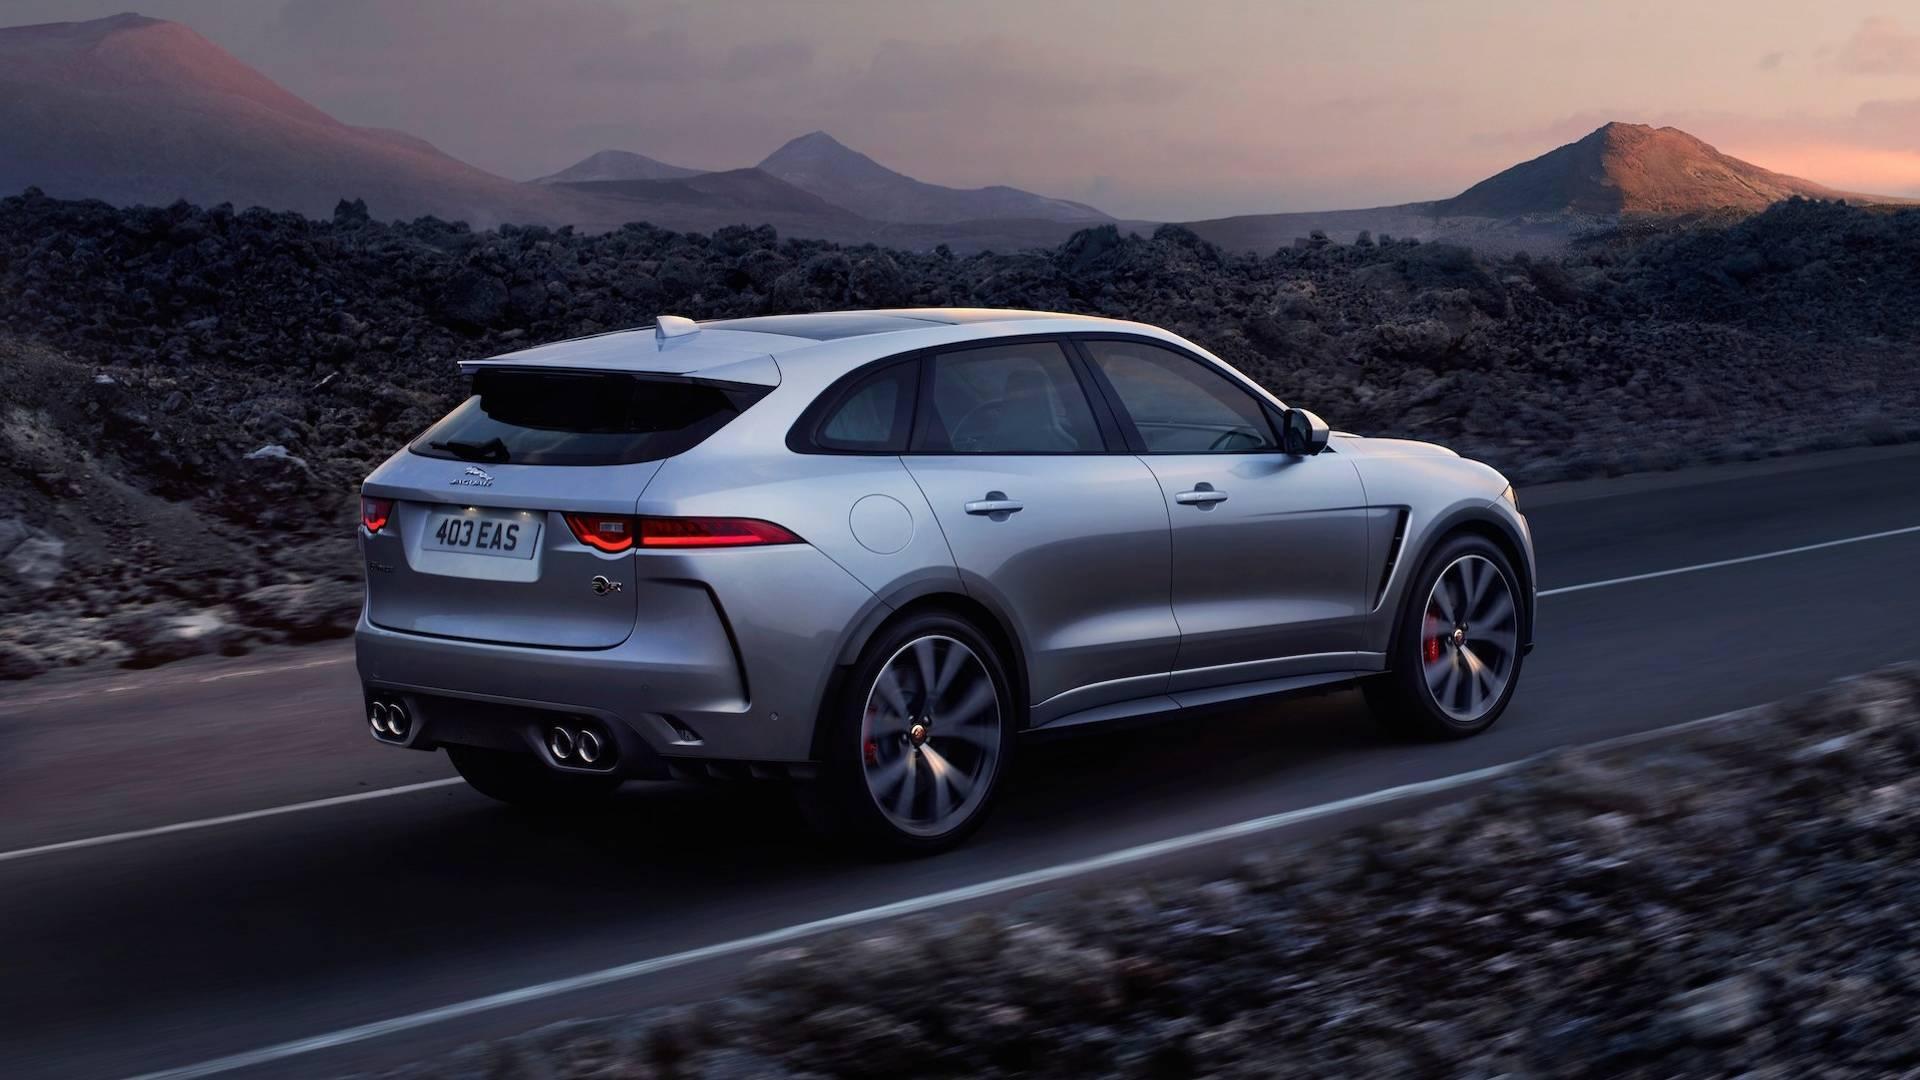 2021 Jaguar J-Pace rear